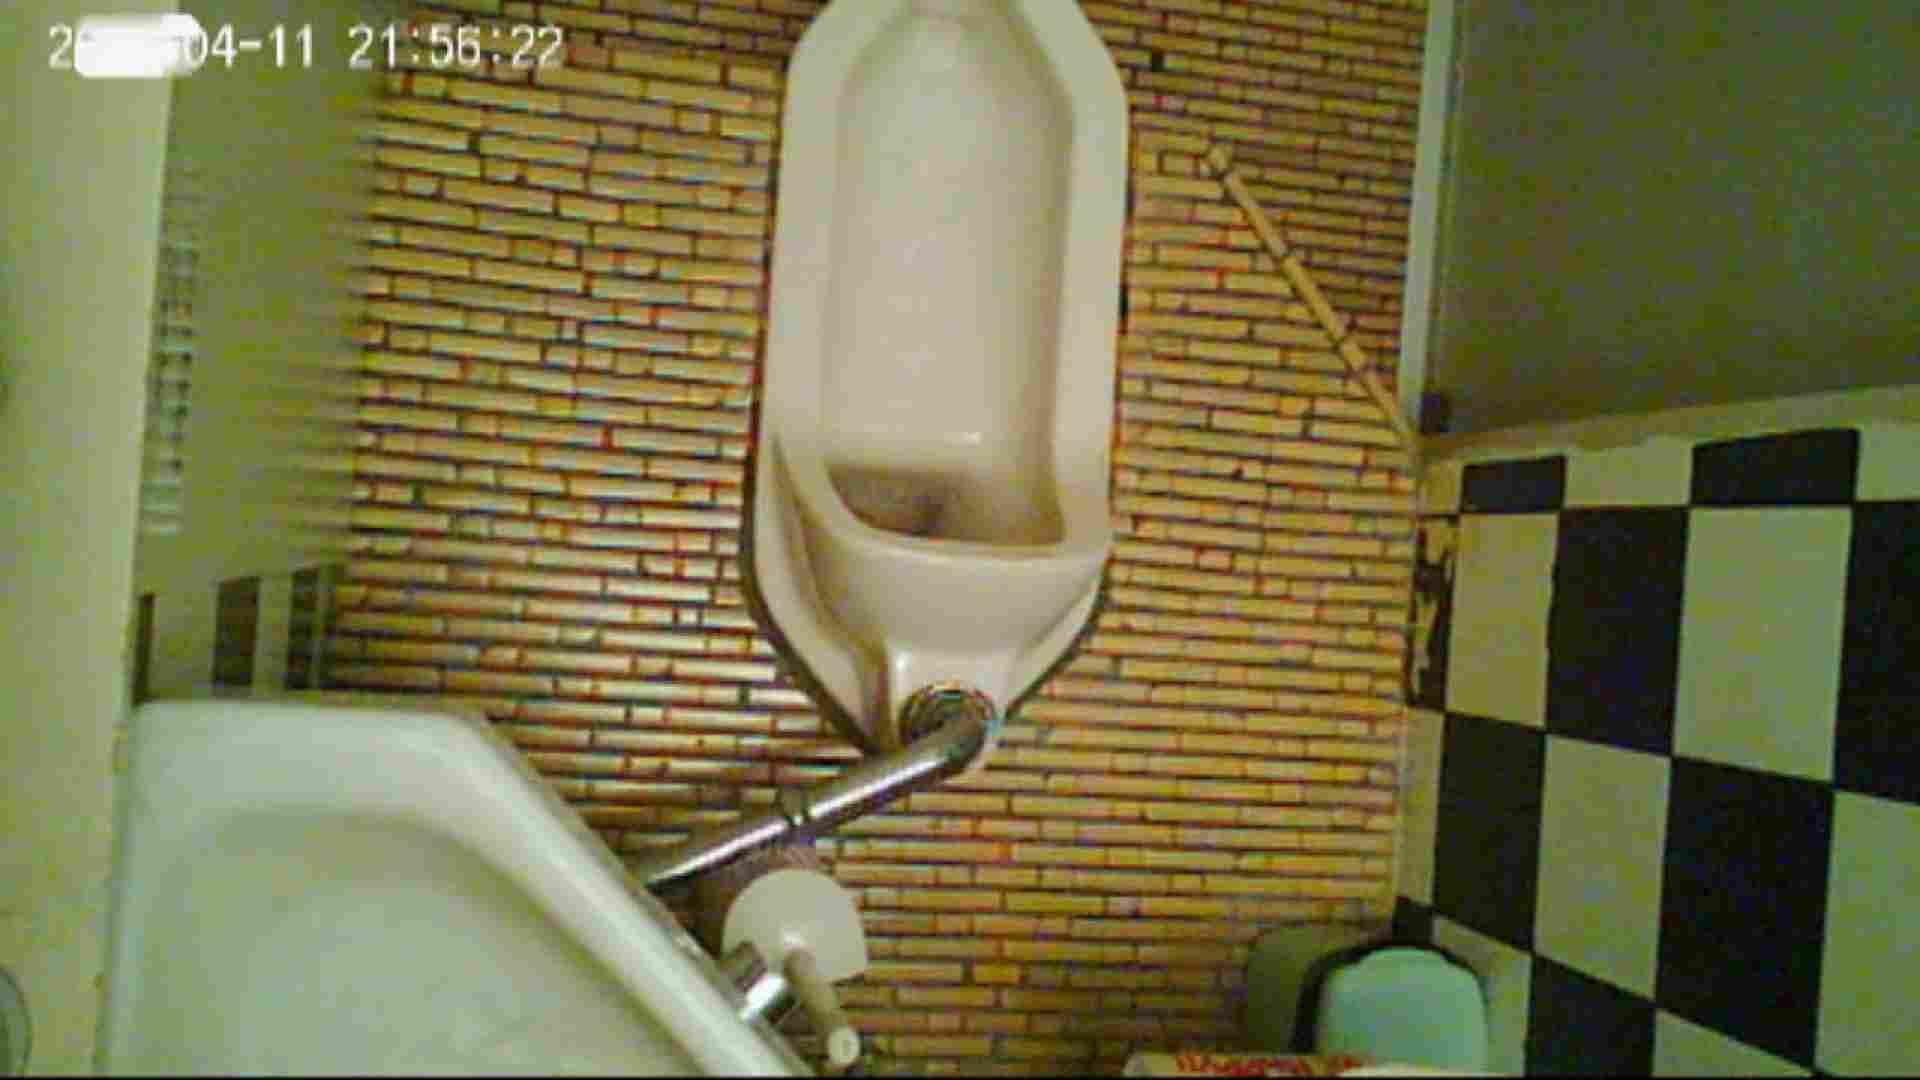 和式トイレの喫茶店店主マロンさんのコレクションvol.2 OL  46pic 11